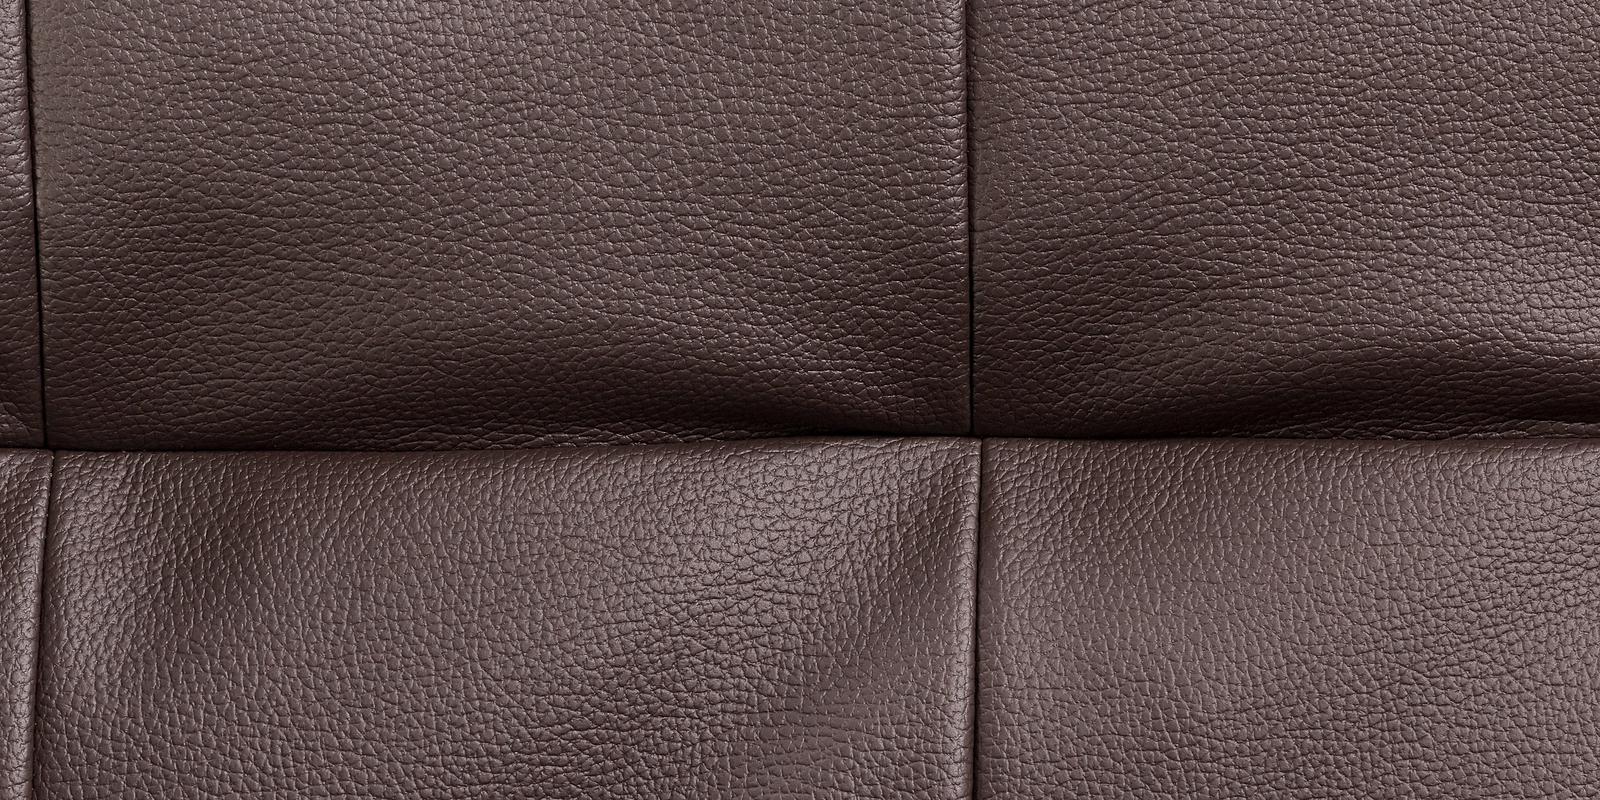 Кресло кожаное Камелот Шоколадный (Натуральная кожа)